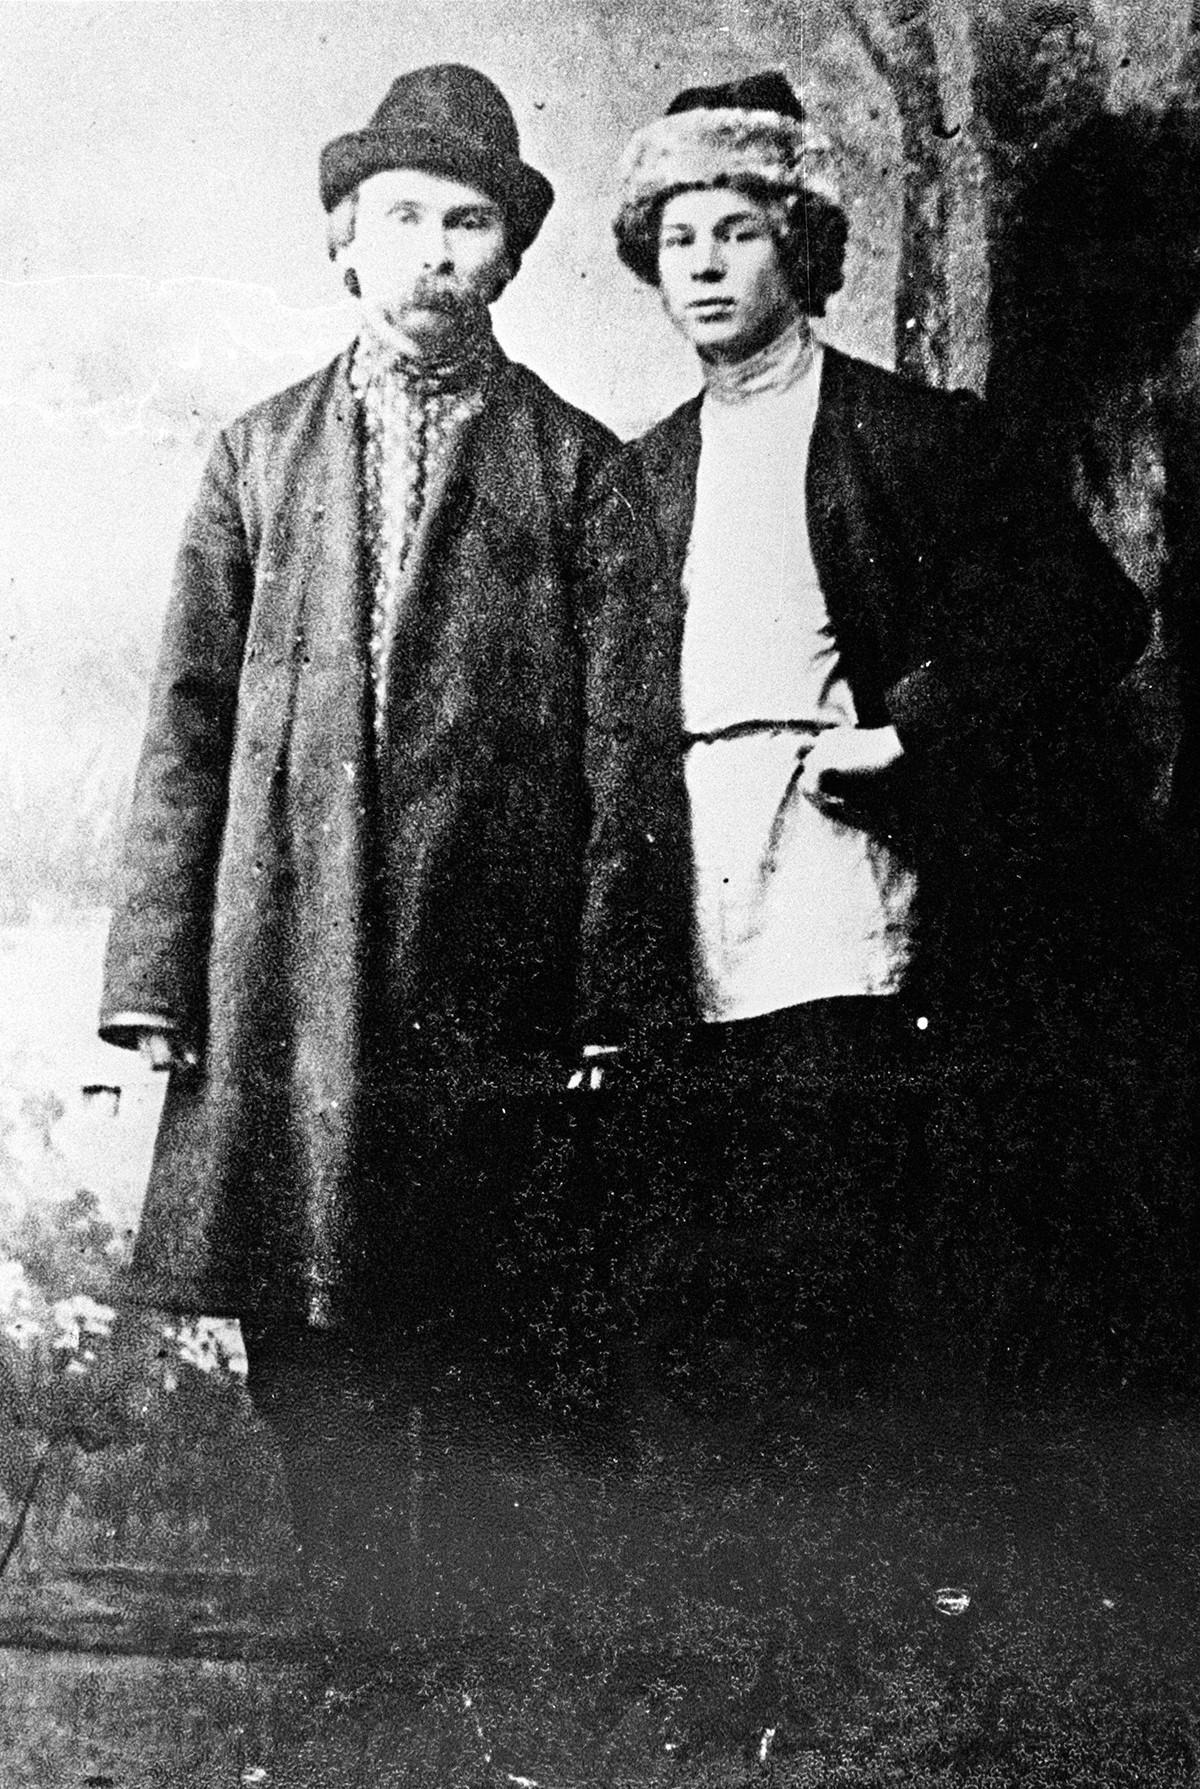 Крестьянские поэты Николай Клюев и Сергей Есенин, 1915